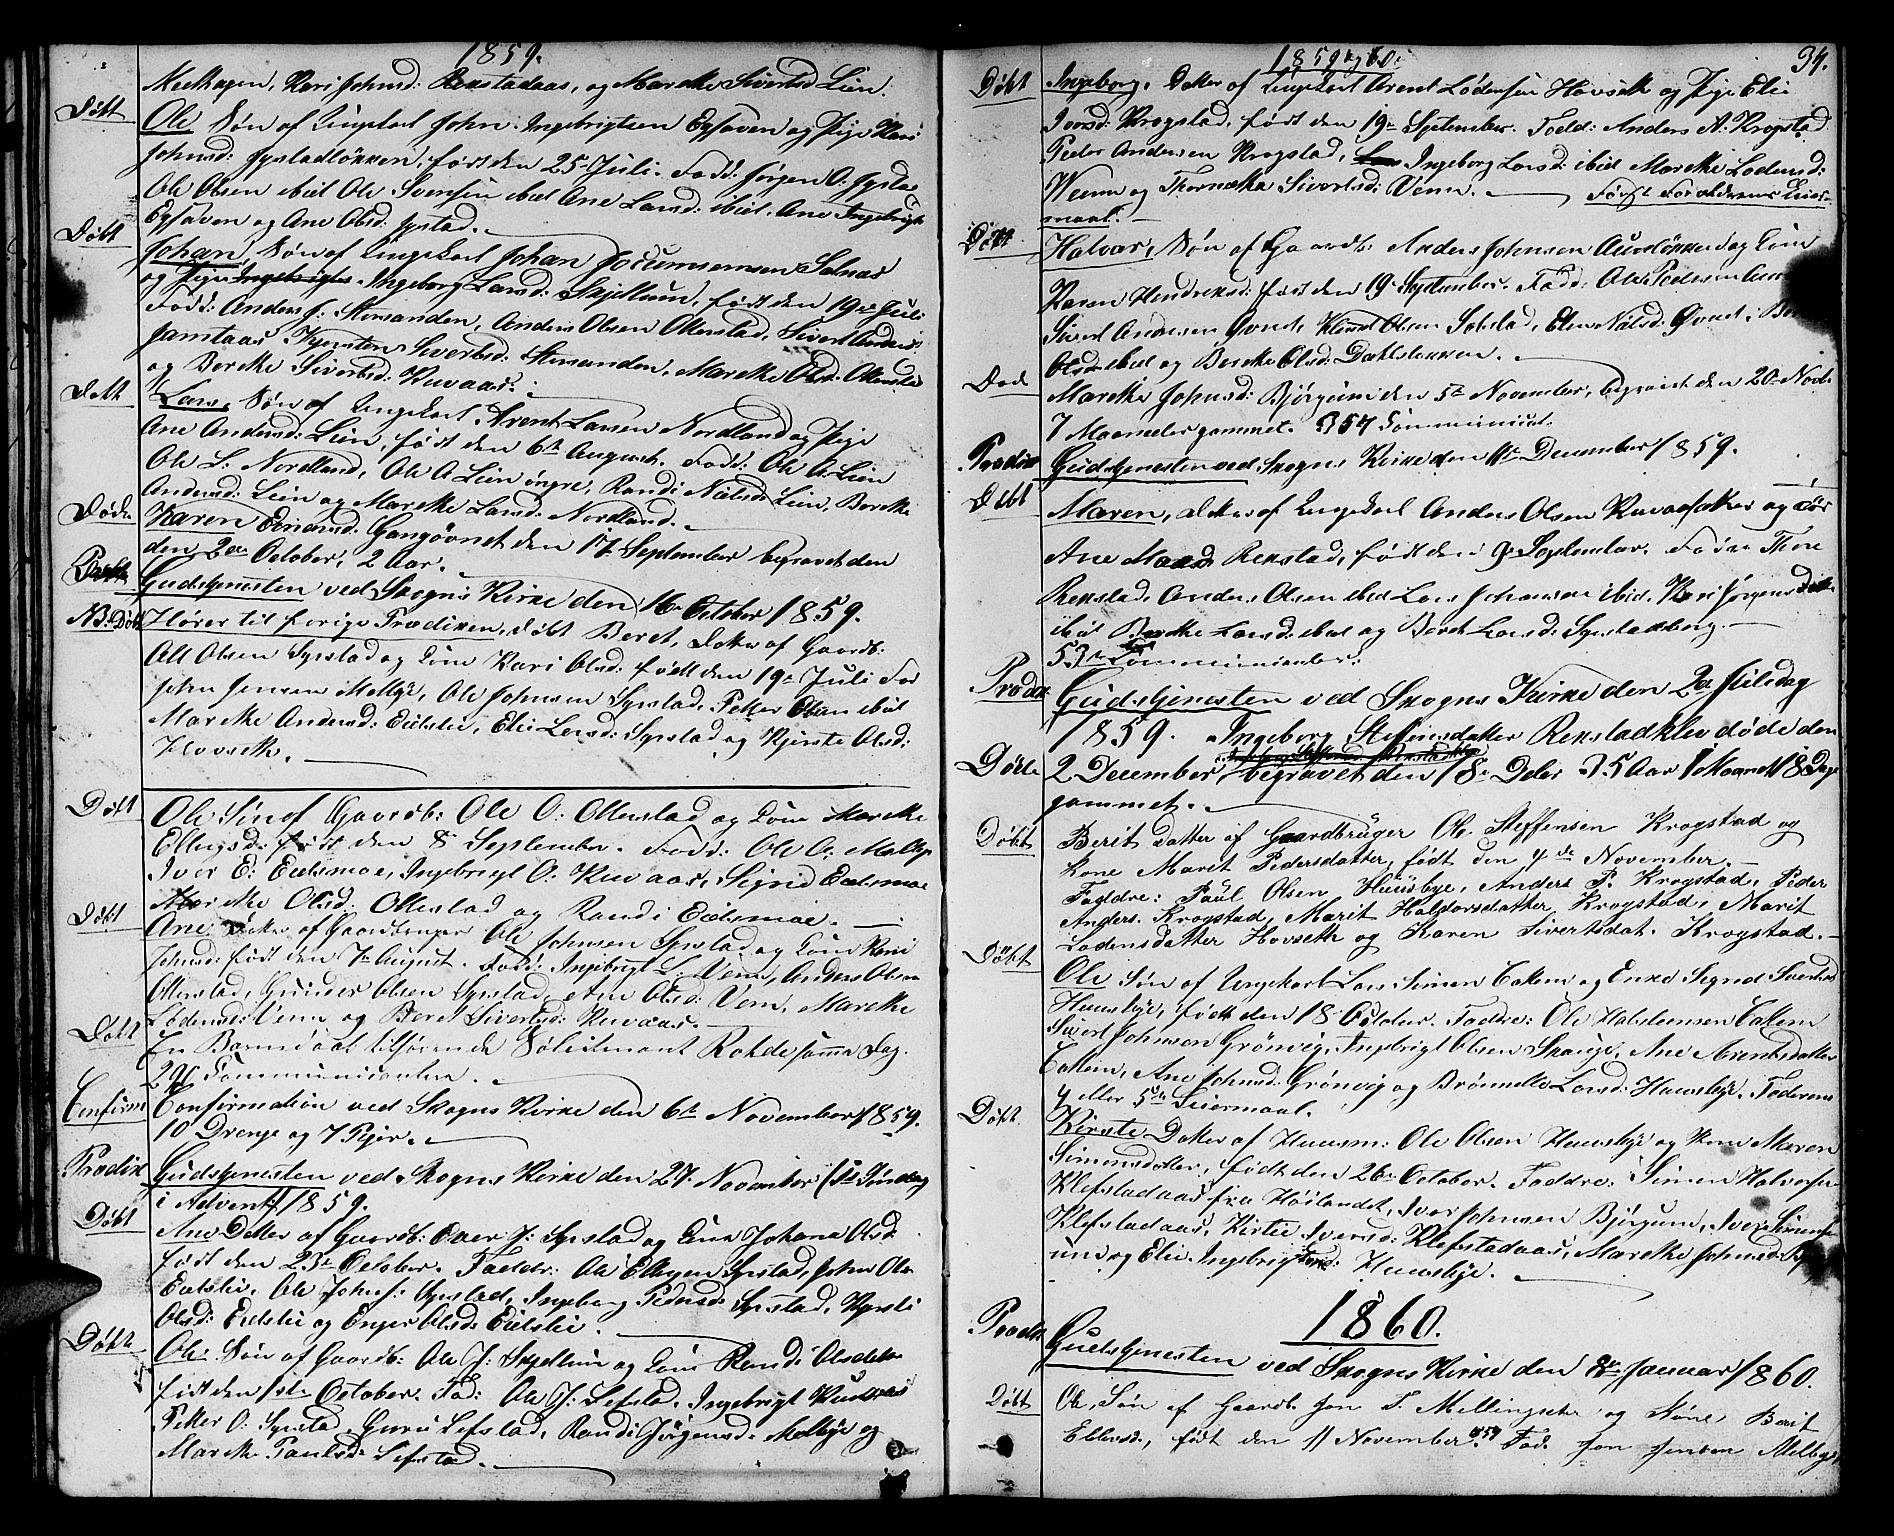 SAT, Ministerialprotokoller, klokkerbøker og fødselsregistre - Sør-Trøndelag, 667/L0797: Klokkerbok nr. 667C02, 1849-1867, s. 34